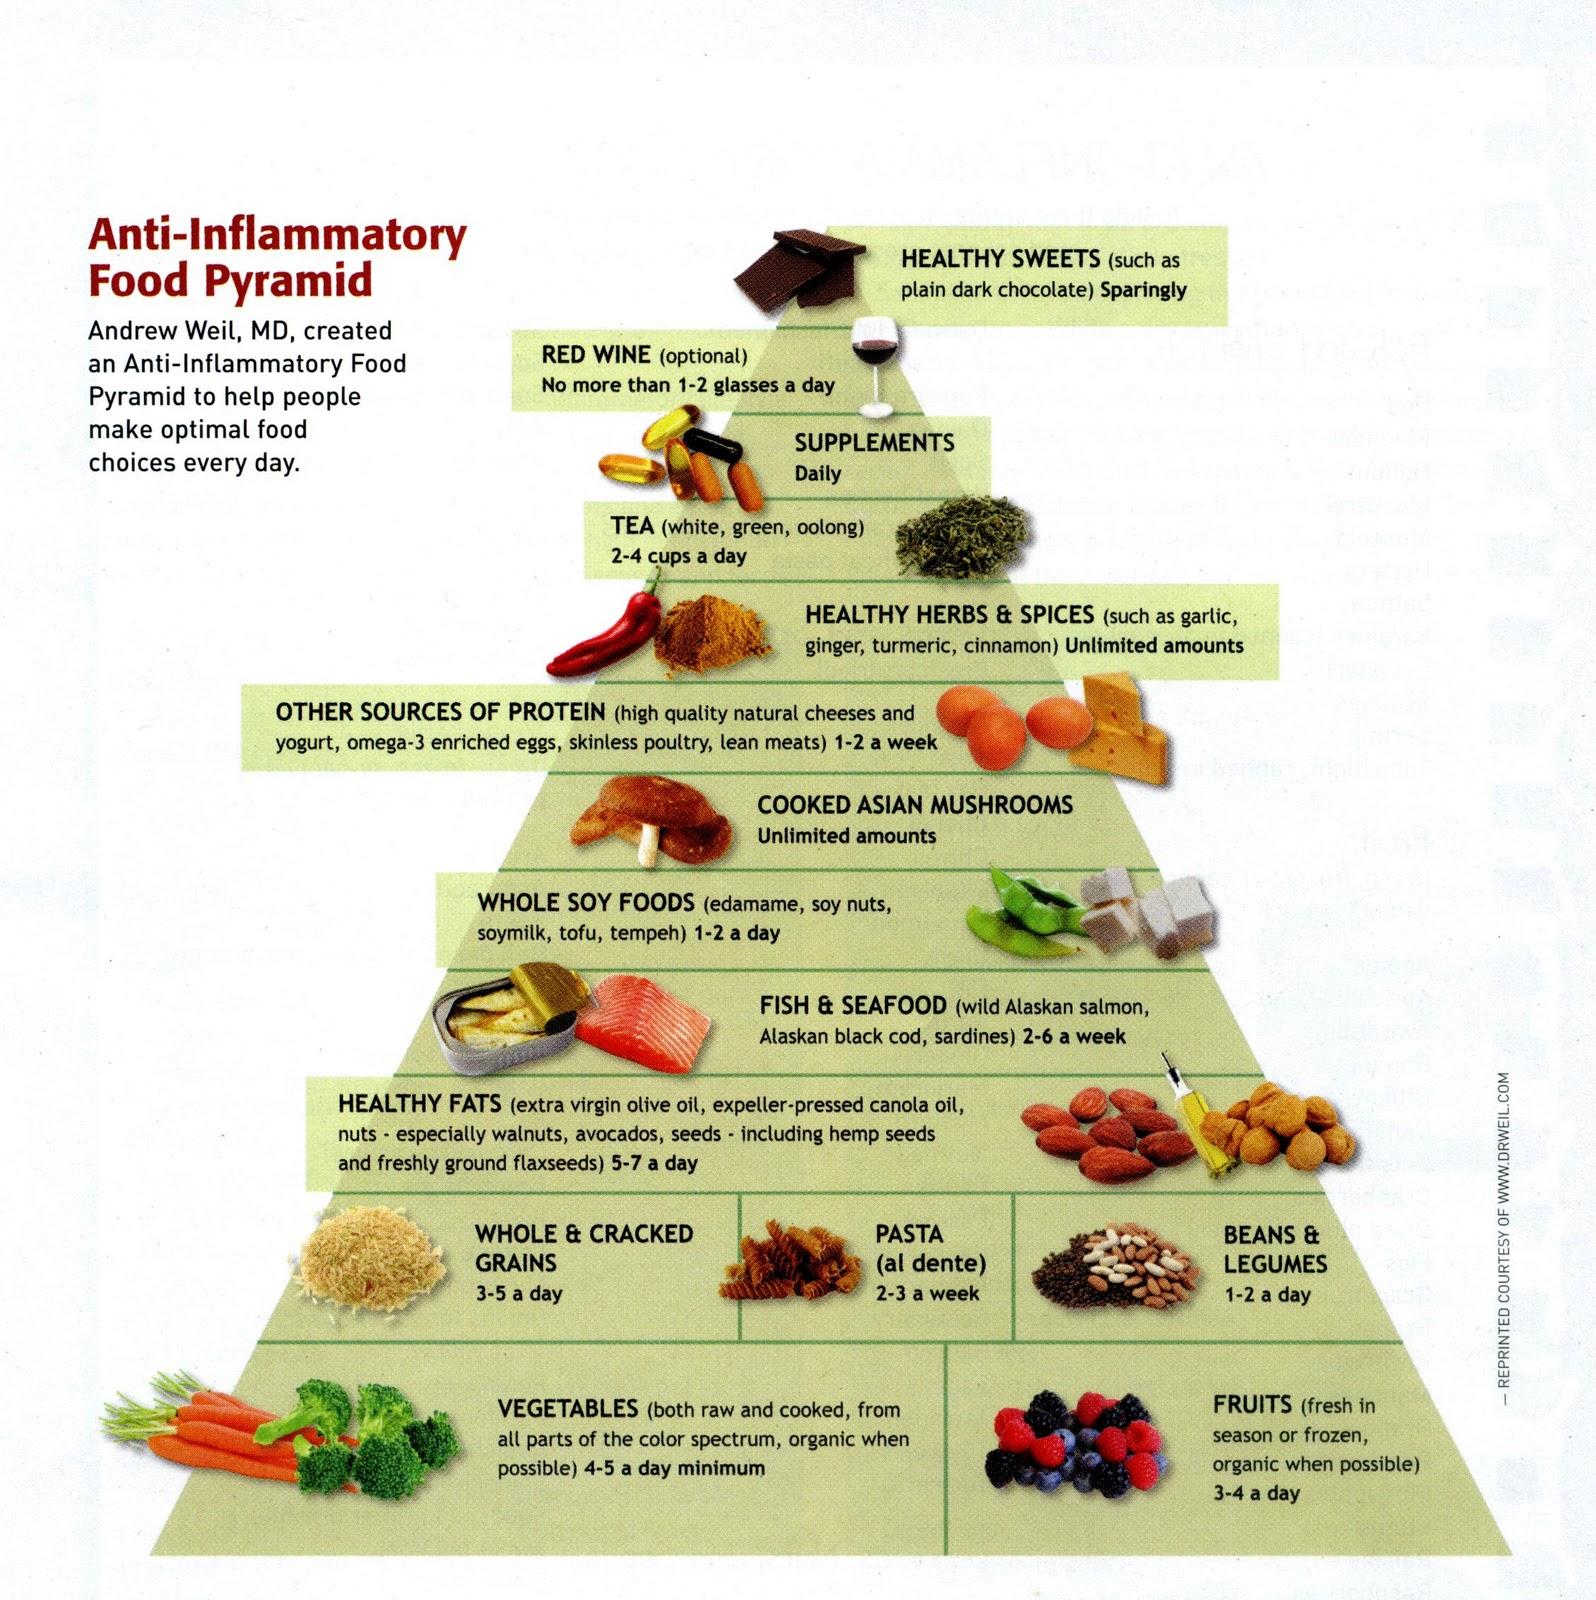 Пирамида диеты против воспаления